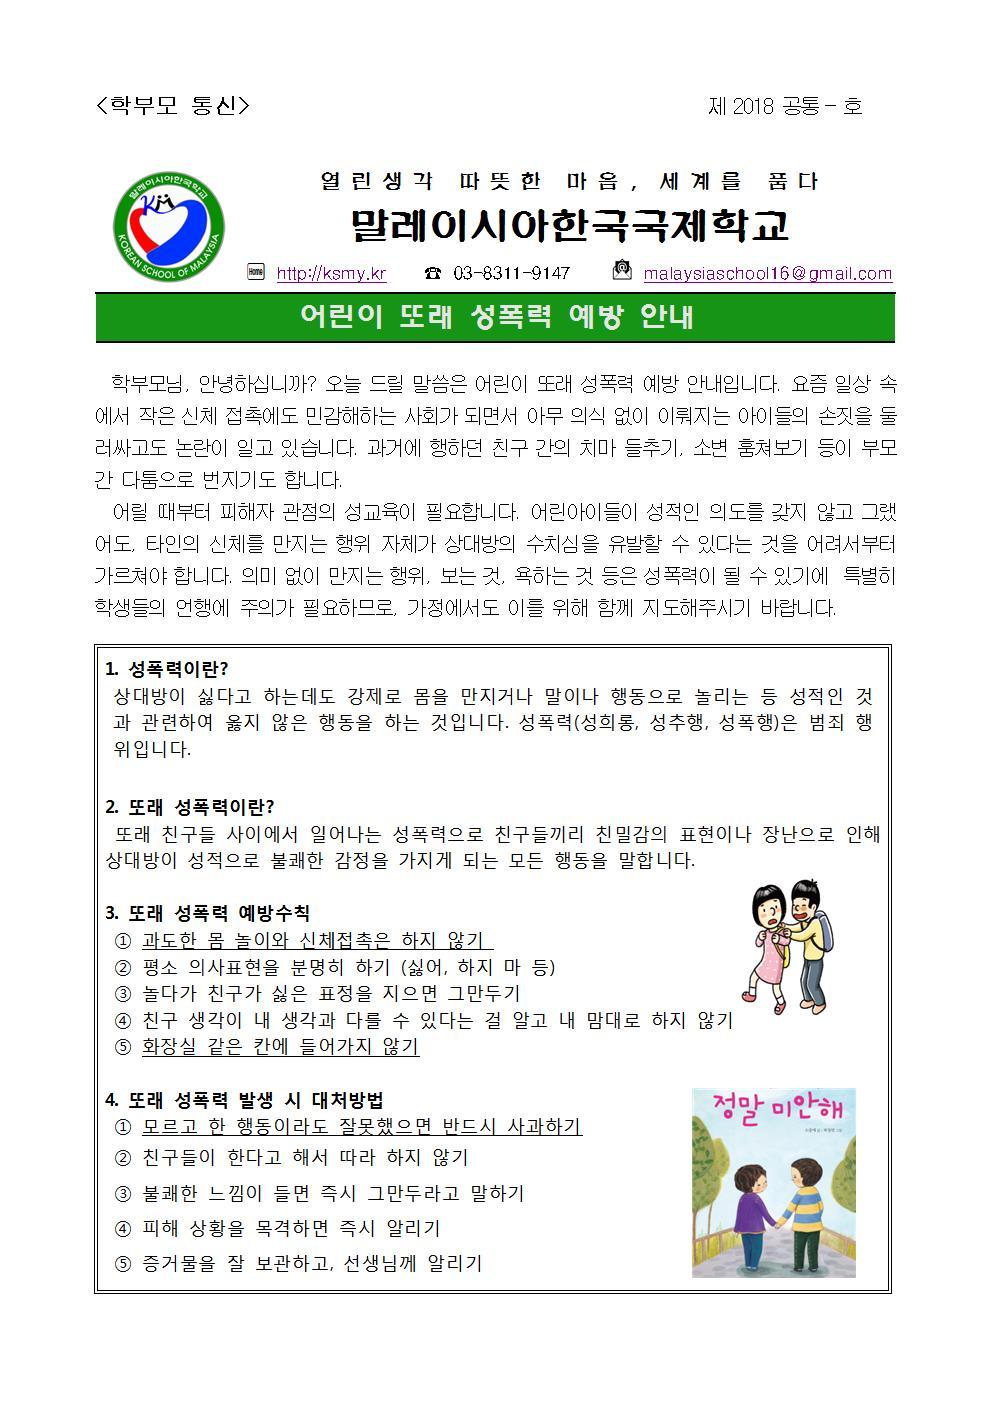 어린이 또래 성폭력 예방교육 안내문001.jpg